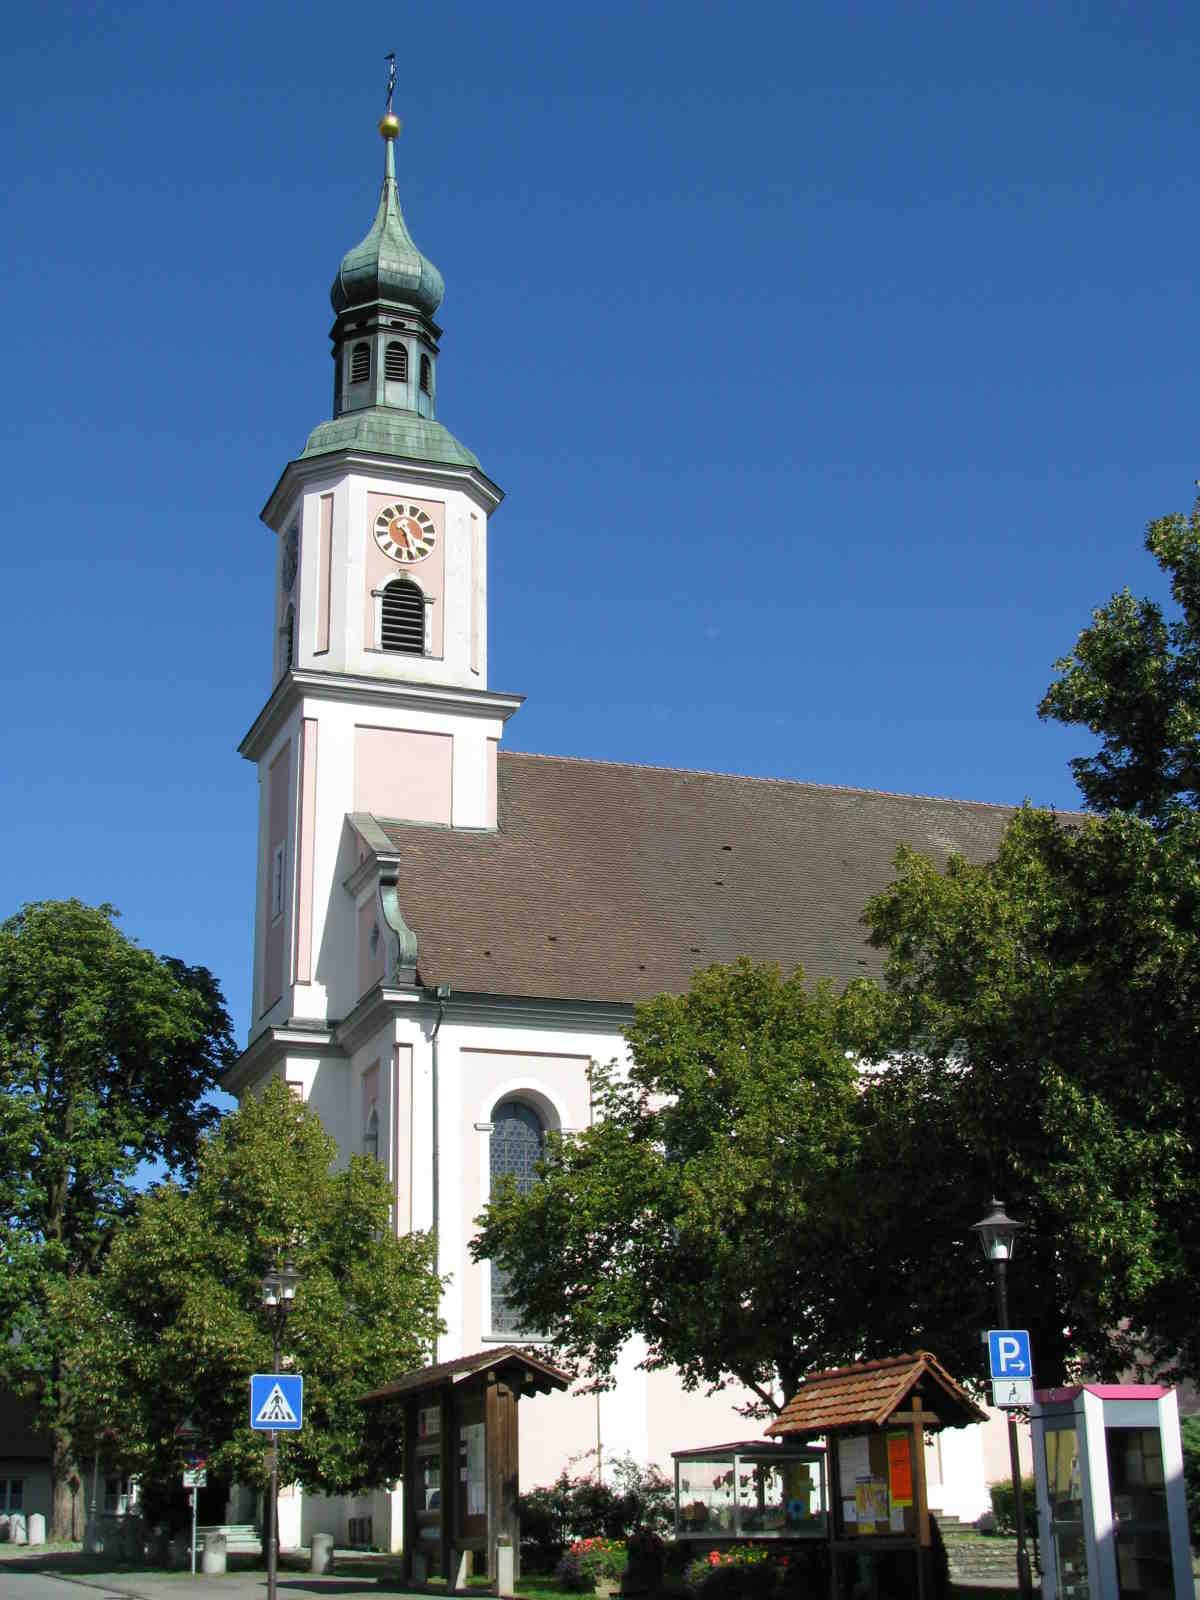 Katholische Kirche in Hilzingen